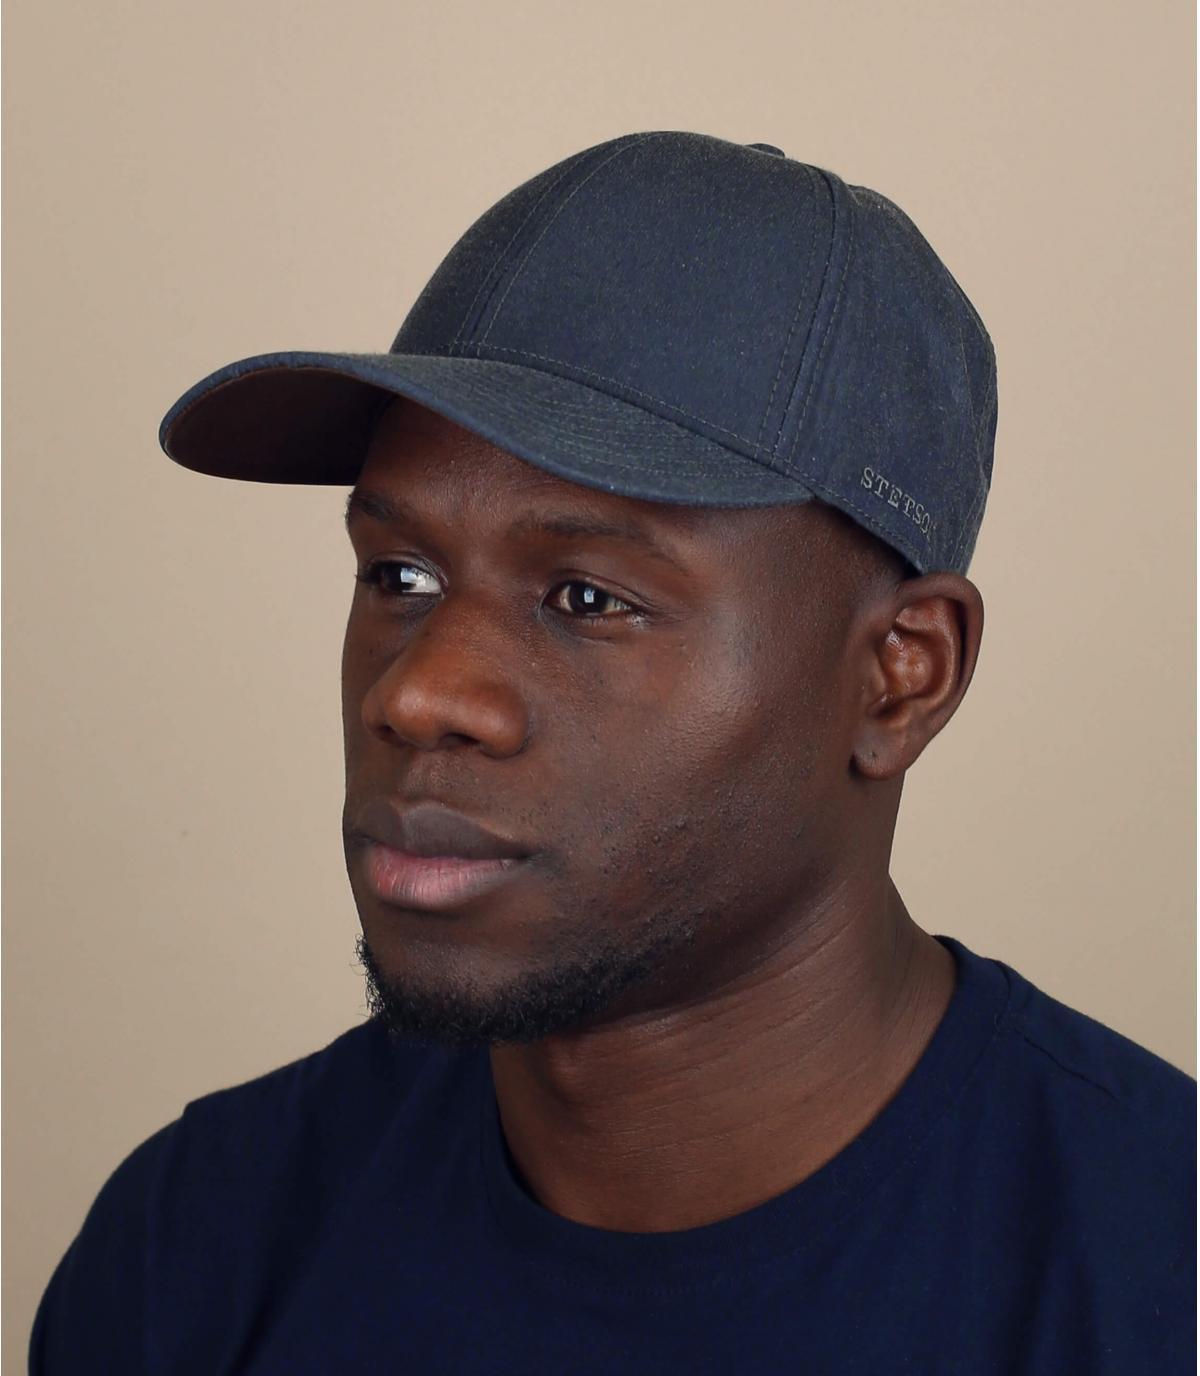 Grijze waterafstotende cap